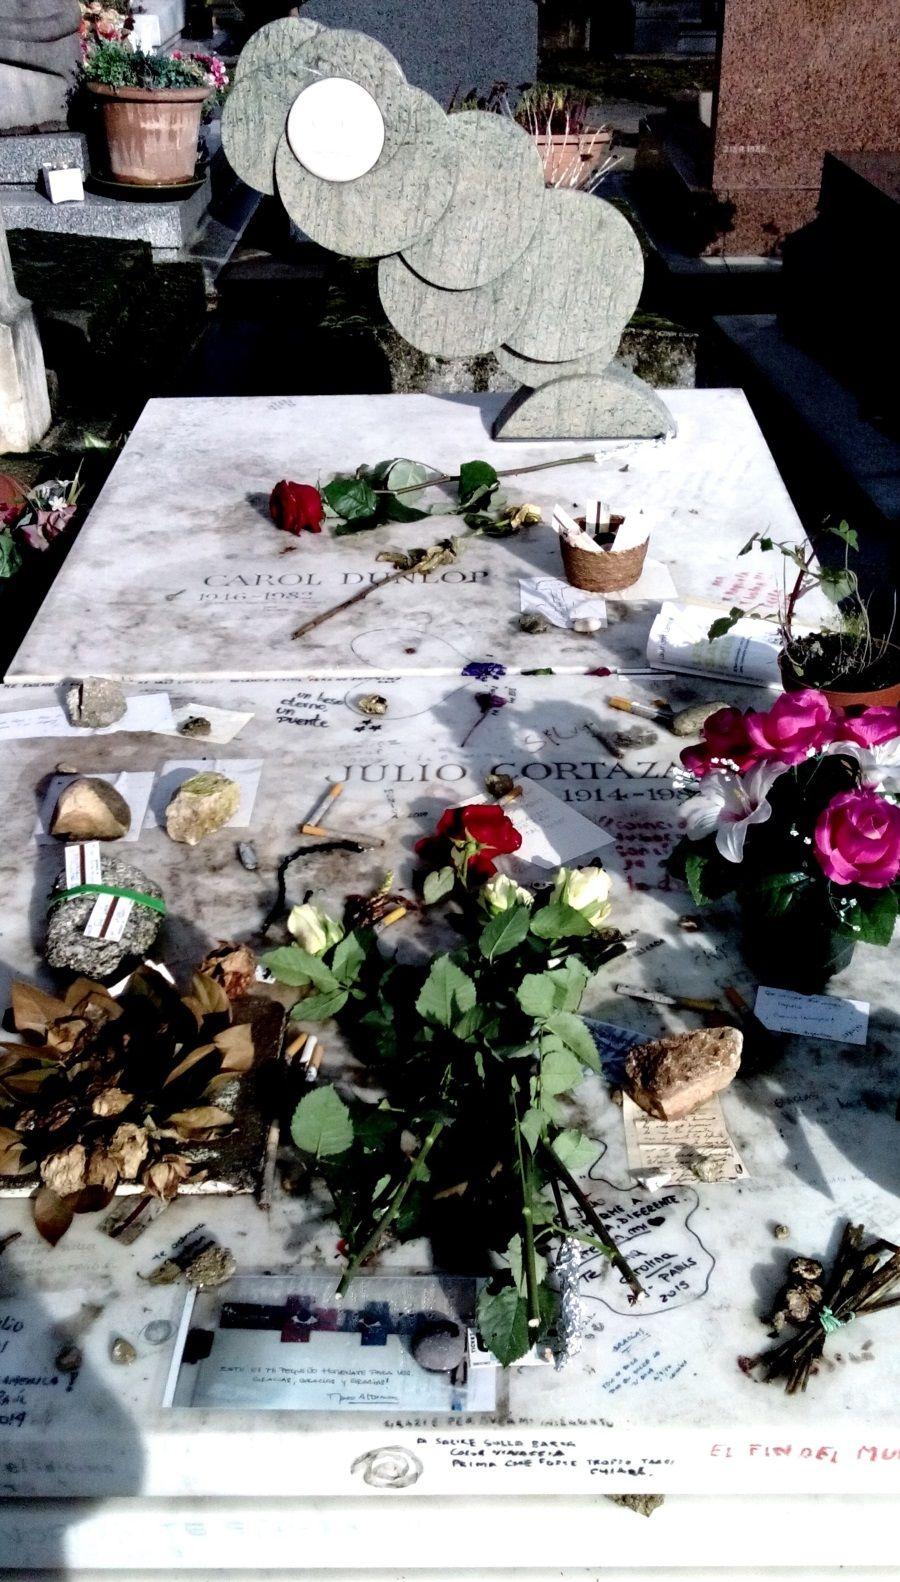 Julio Cortazar Carol Dunplor. Cementario de Monparnase, Paris